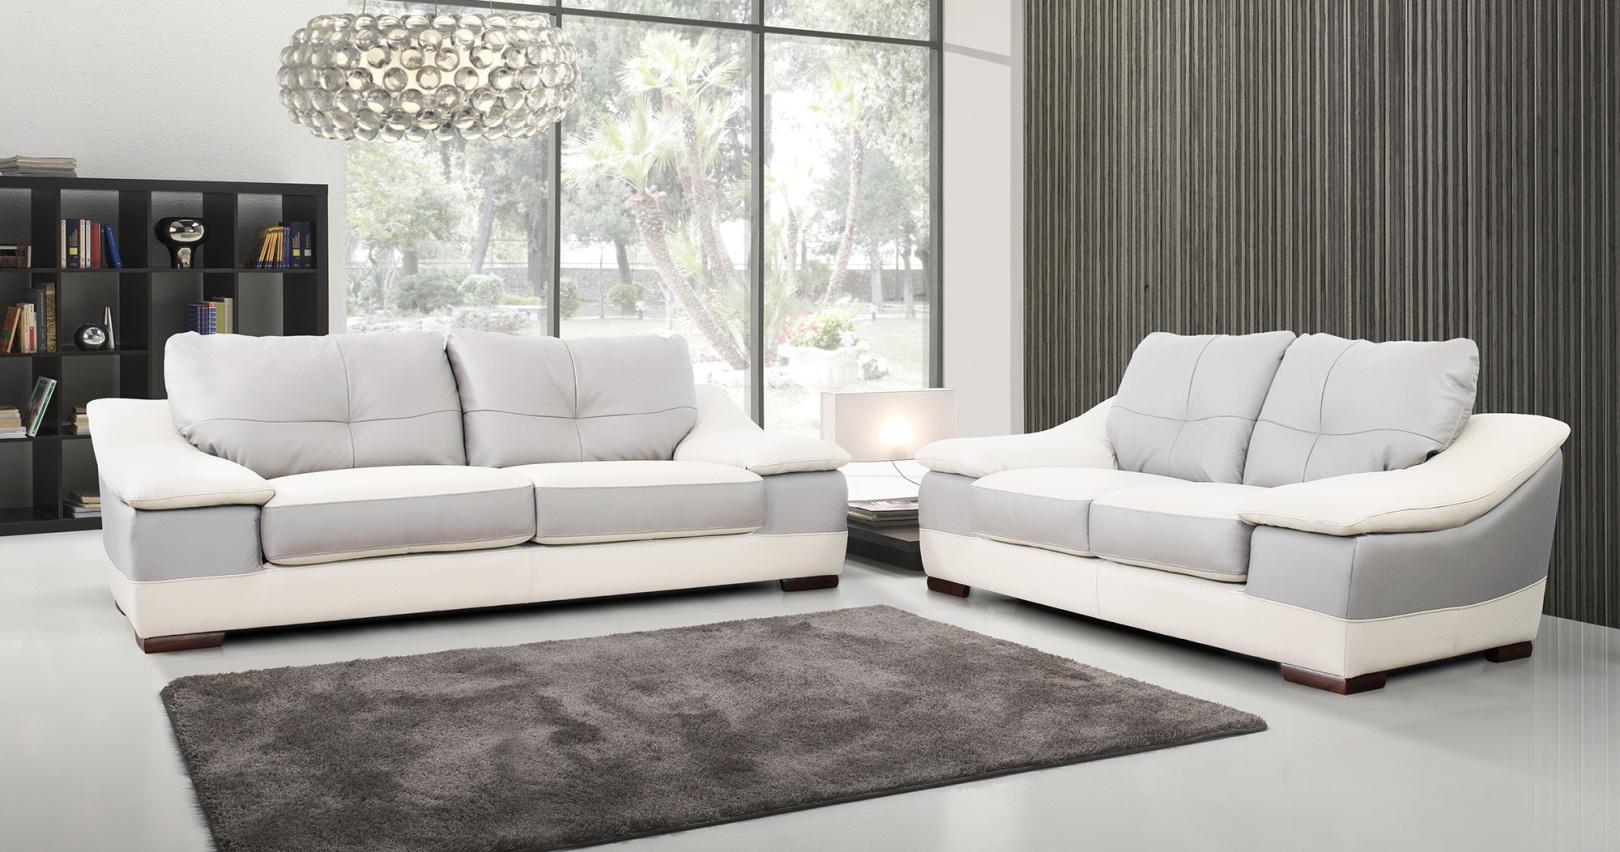 canapé PROSPER Canapé Cuir Design Italien personnalisable